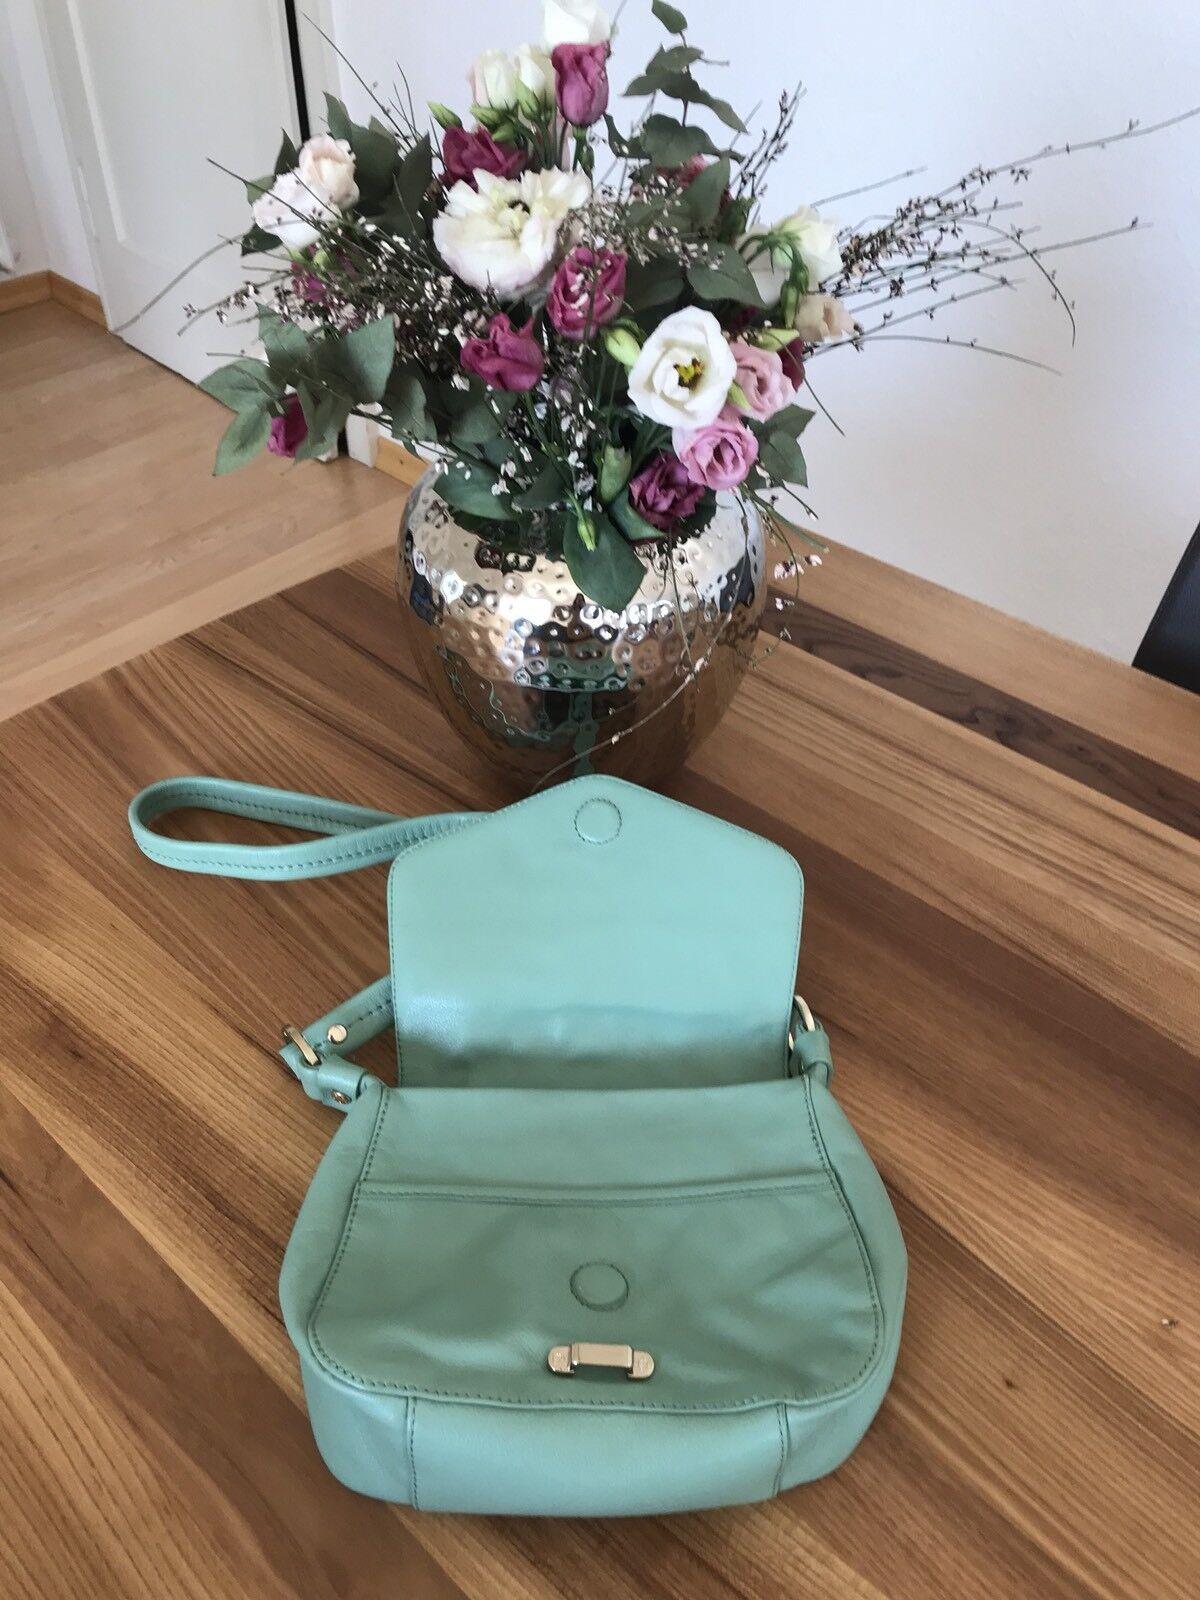 Aigner Original Leder Damen Tasche Umhängetasche in mint Grün NEU NEU NEU   Der Schatz des Kindes, unser Glück    Produktqualität    New Product 2019  ac7502